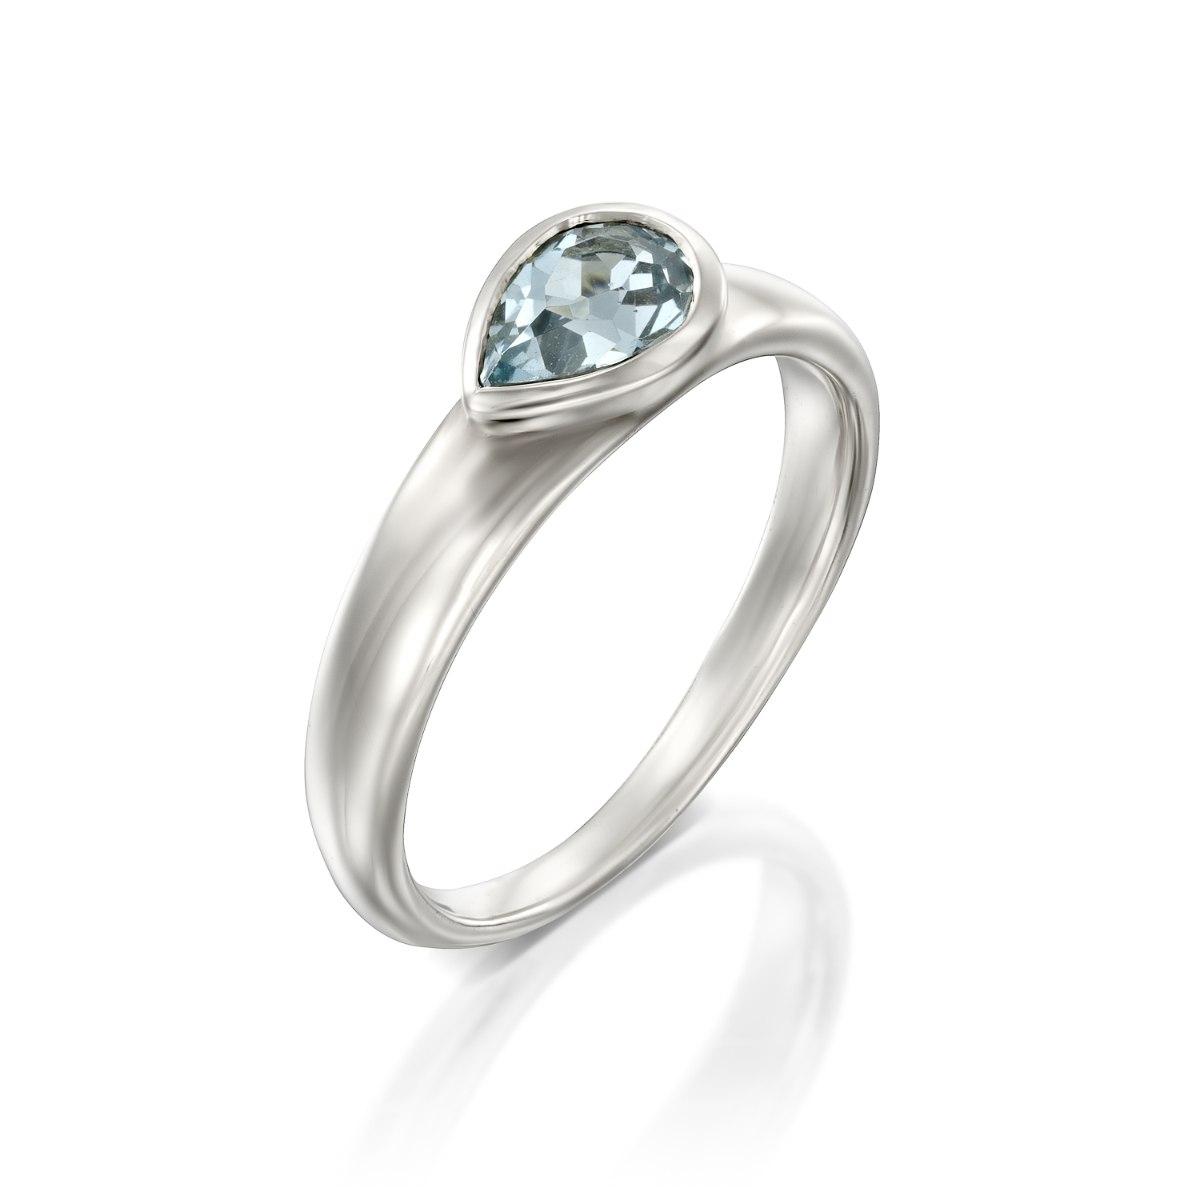 טבעת כסף 925 משובצת בלוטופז בצורת טיפה נועה טריפ noa tripp